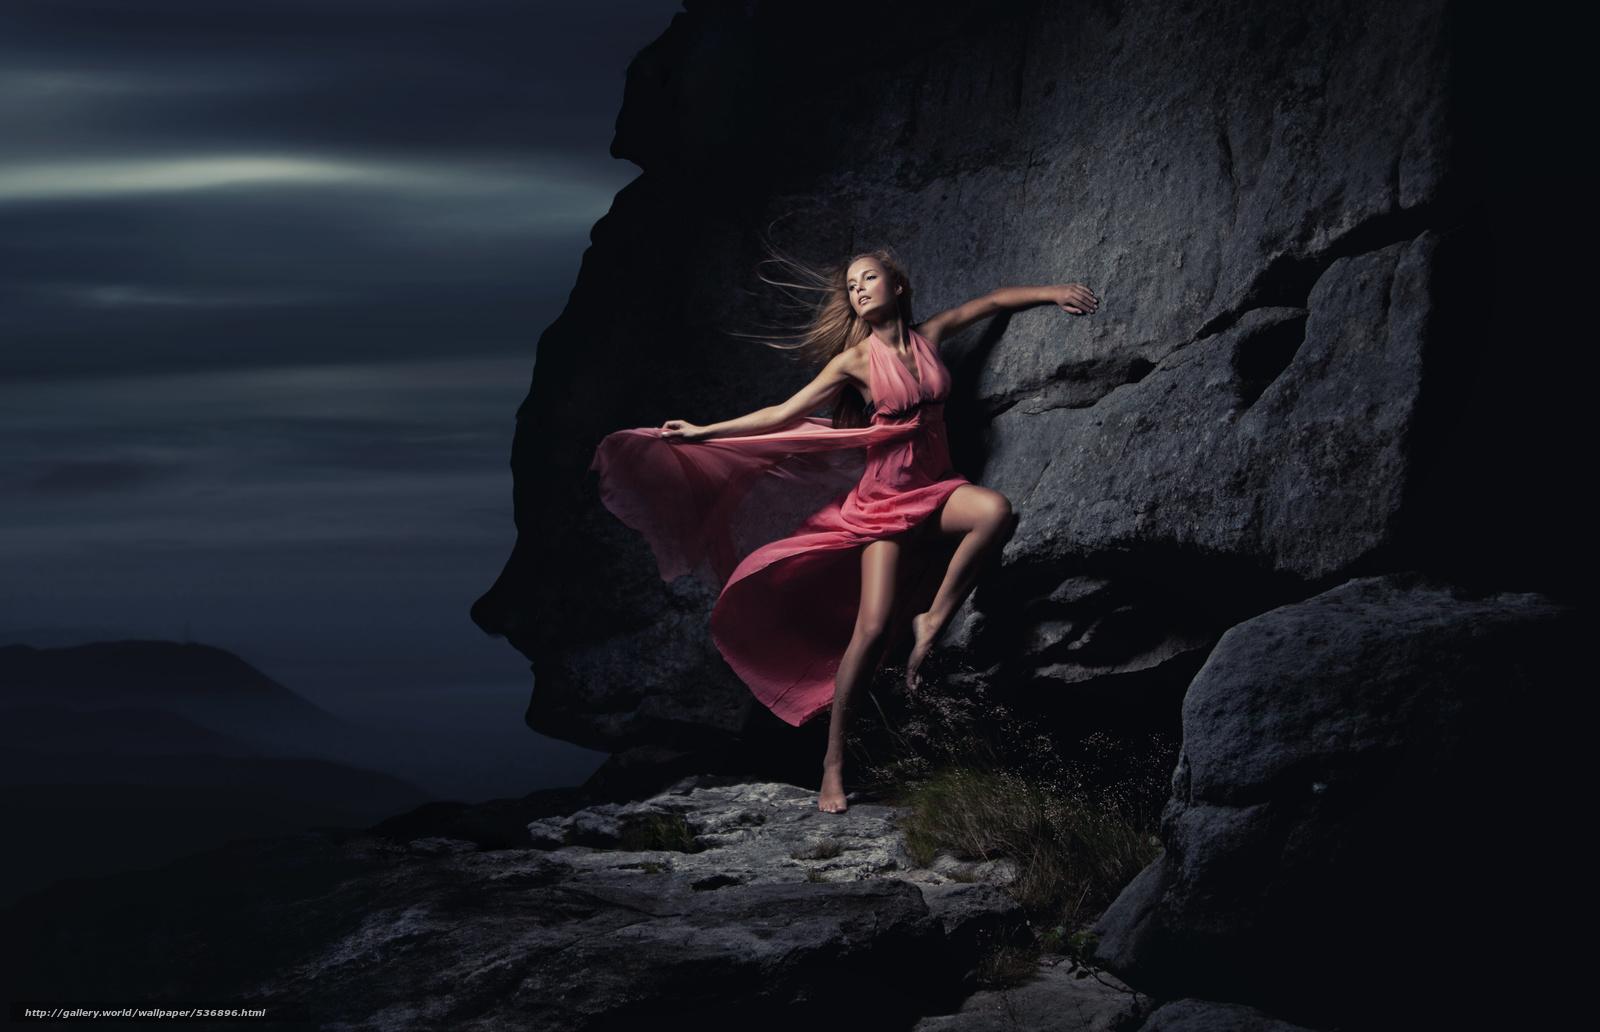 壁紙をダウンロード 若い女性, 山, ドレス ...